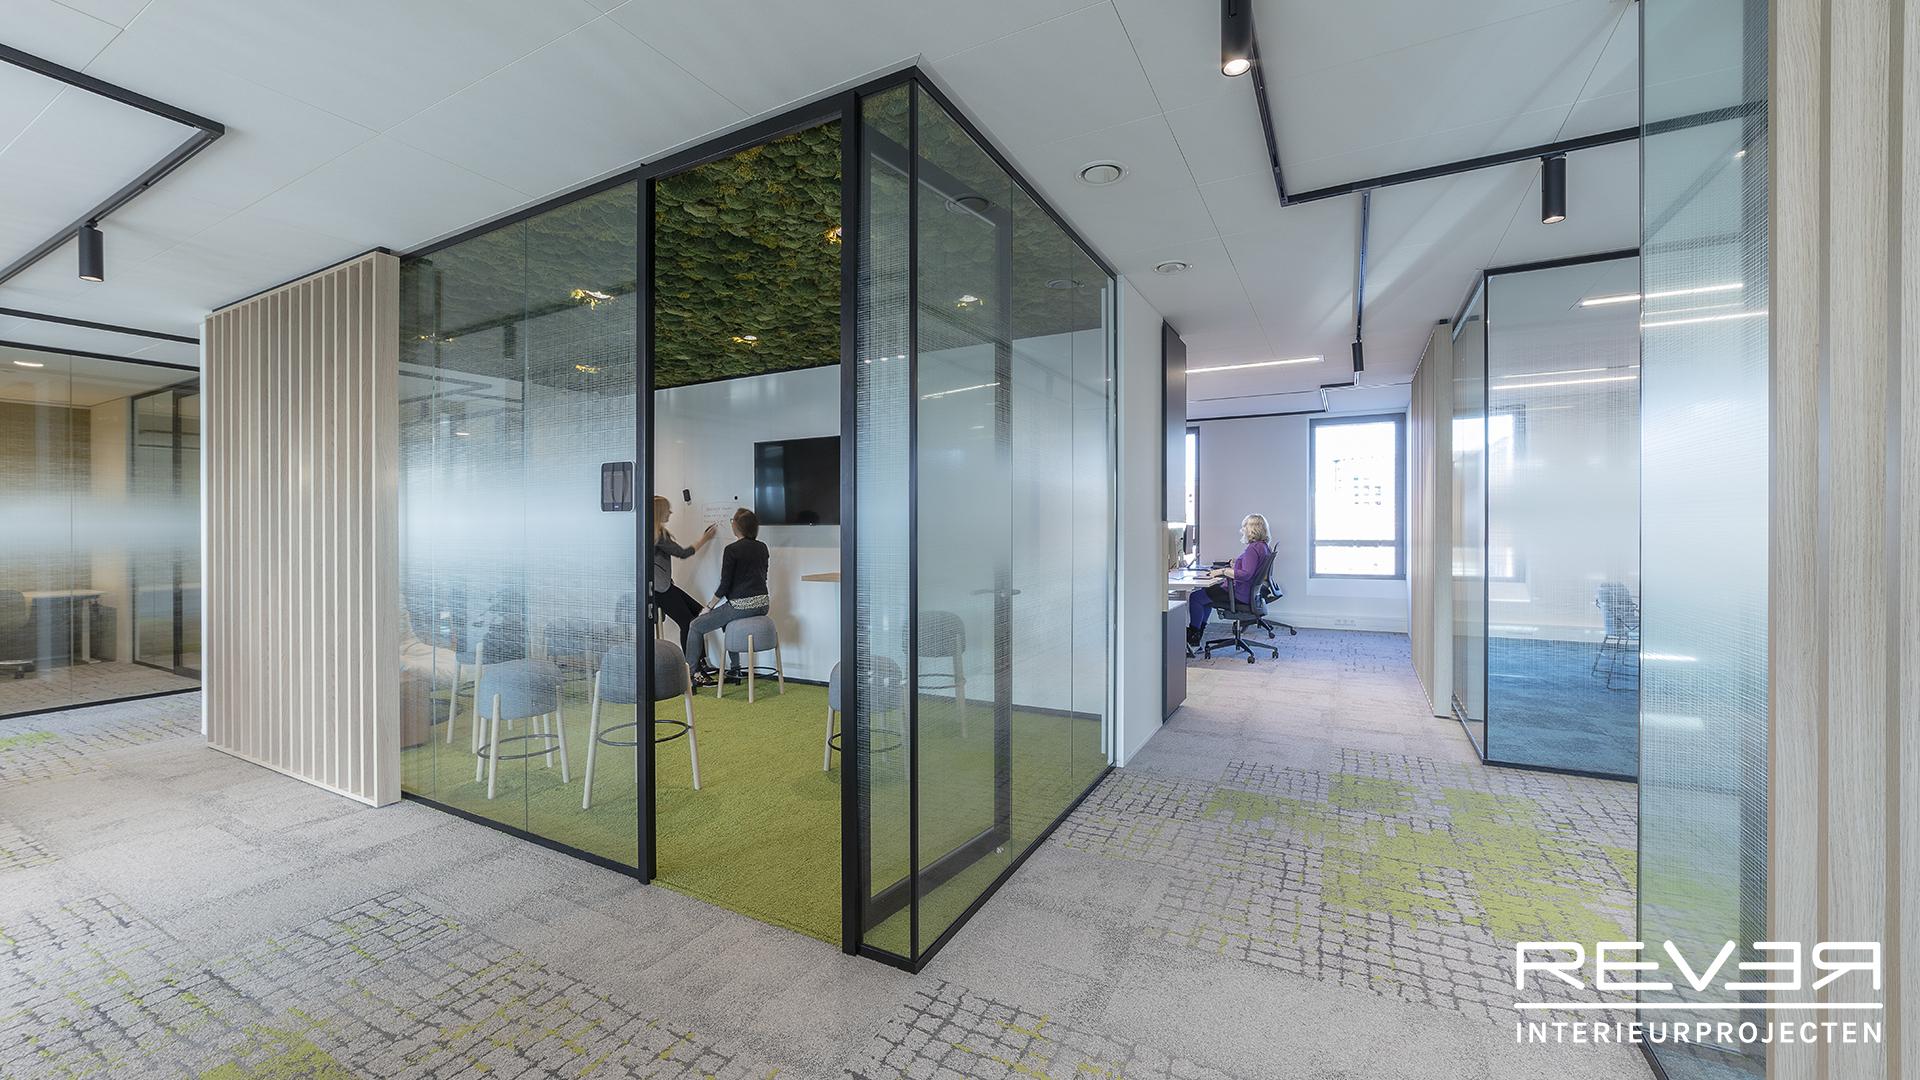 Kantoorinrichting Consultancy Bureau : Home rever interieurprojectenrever